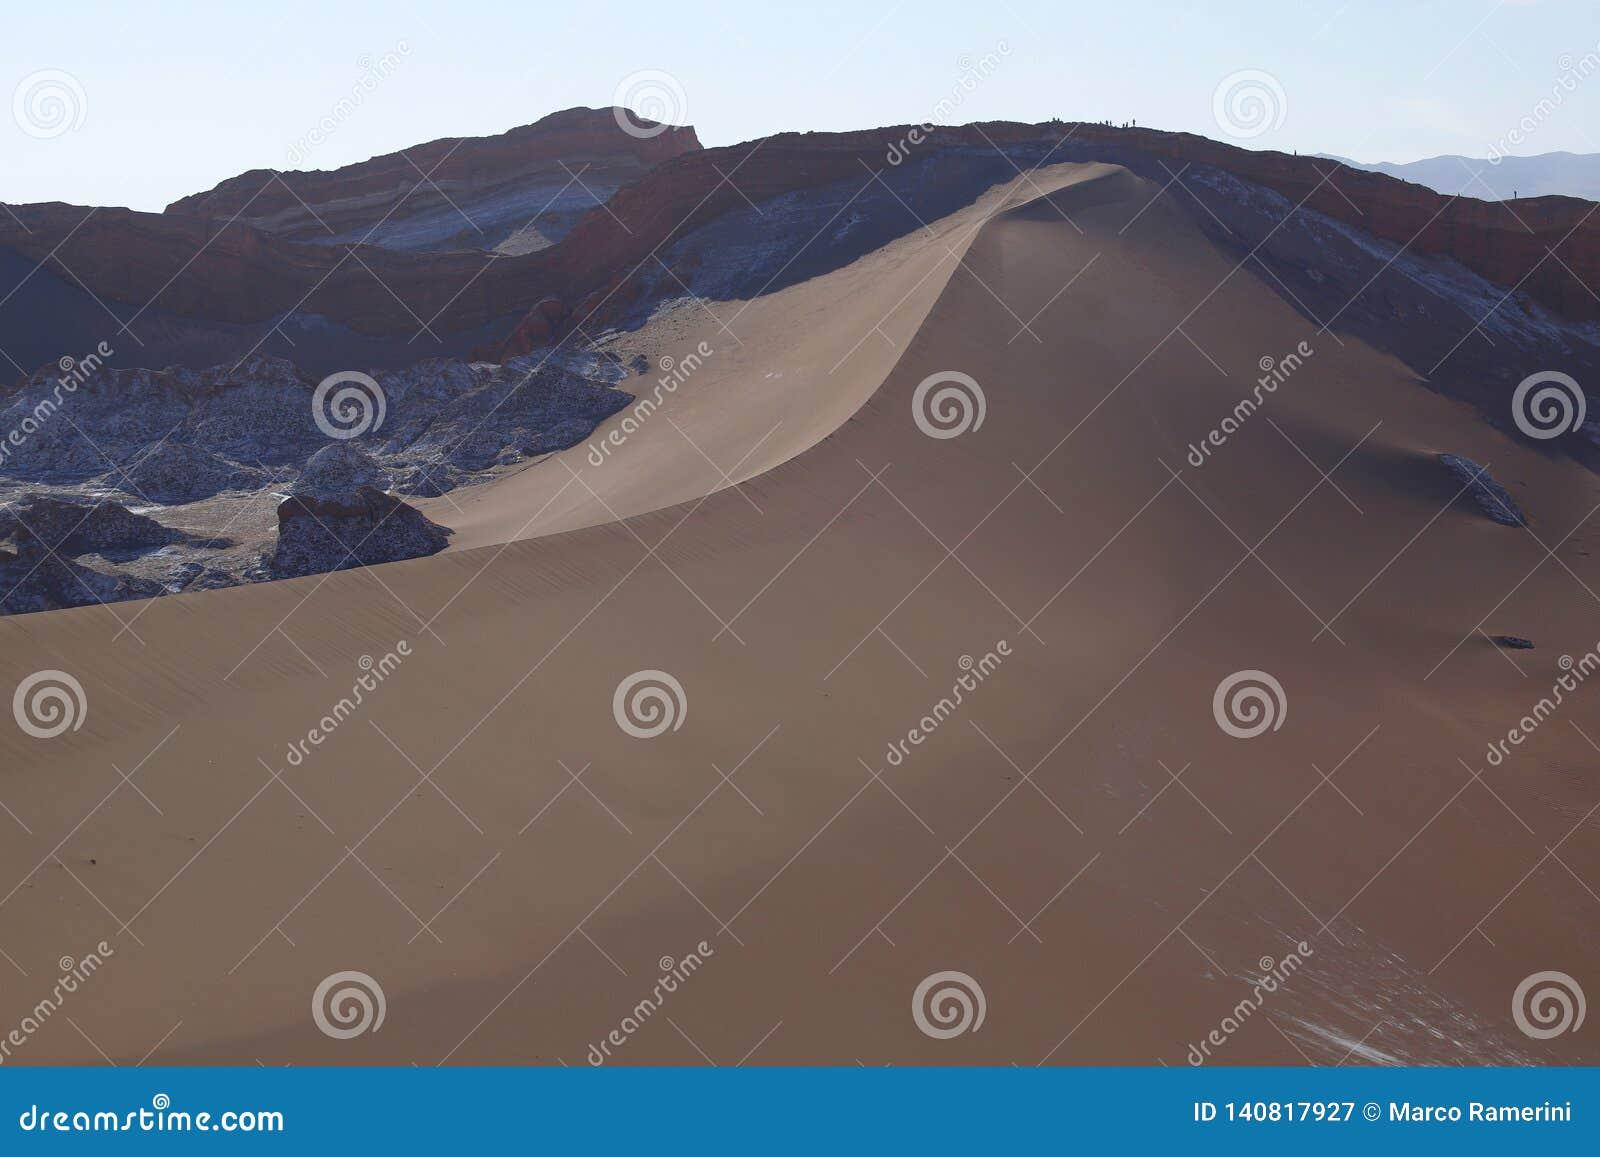 La Luna - valle de Valle de la luna y de los volcanes nevados, desierto de Atacama, Chile